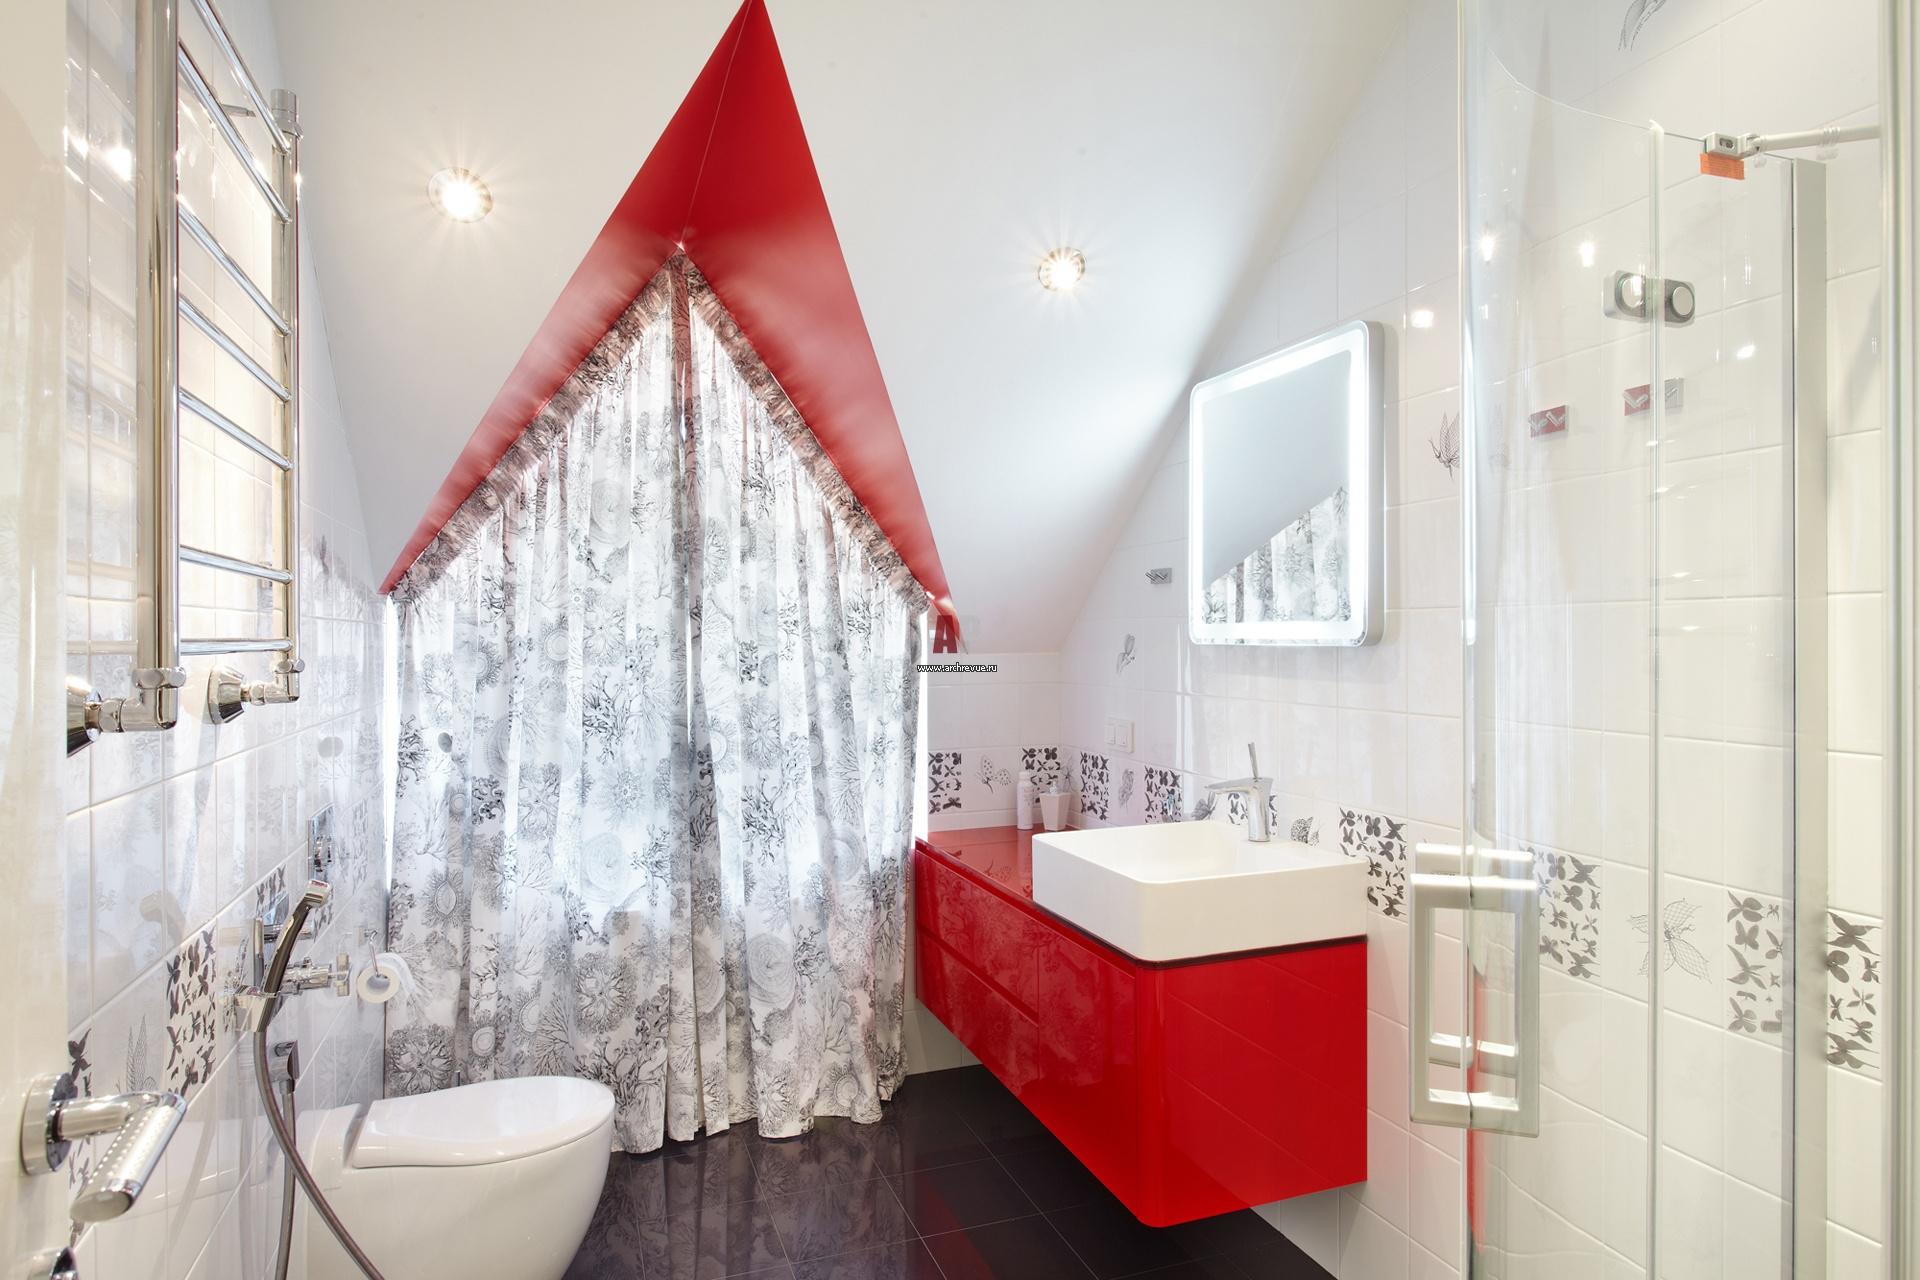 Обновление интерьера ванной комнаты: полезные советы 1000 де.